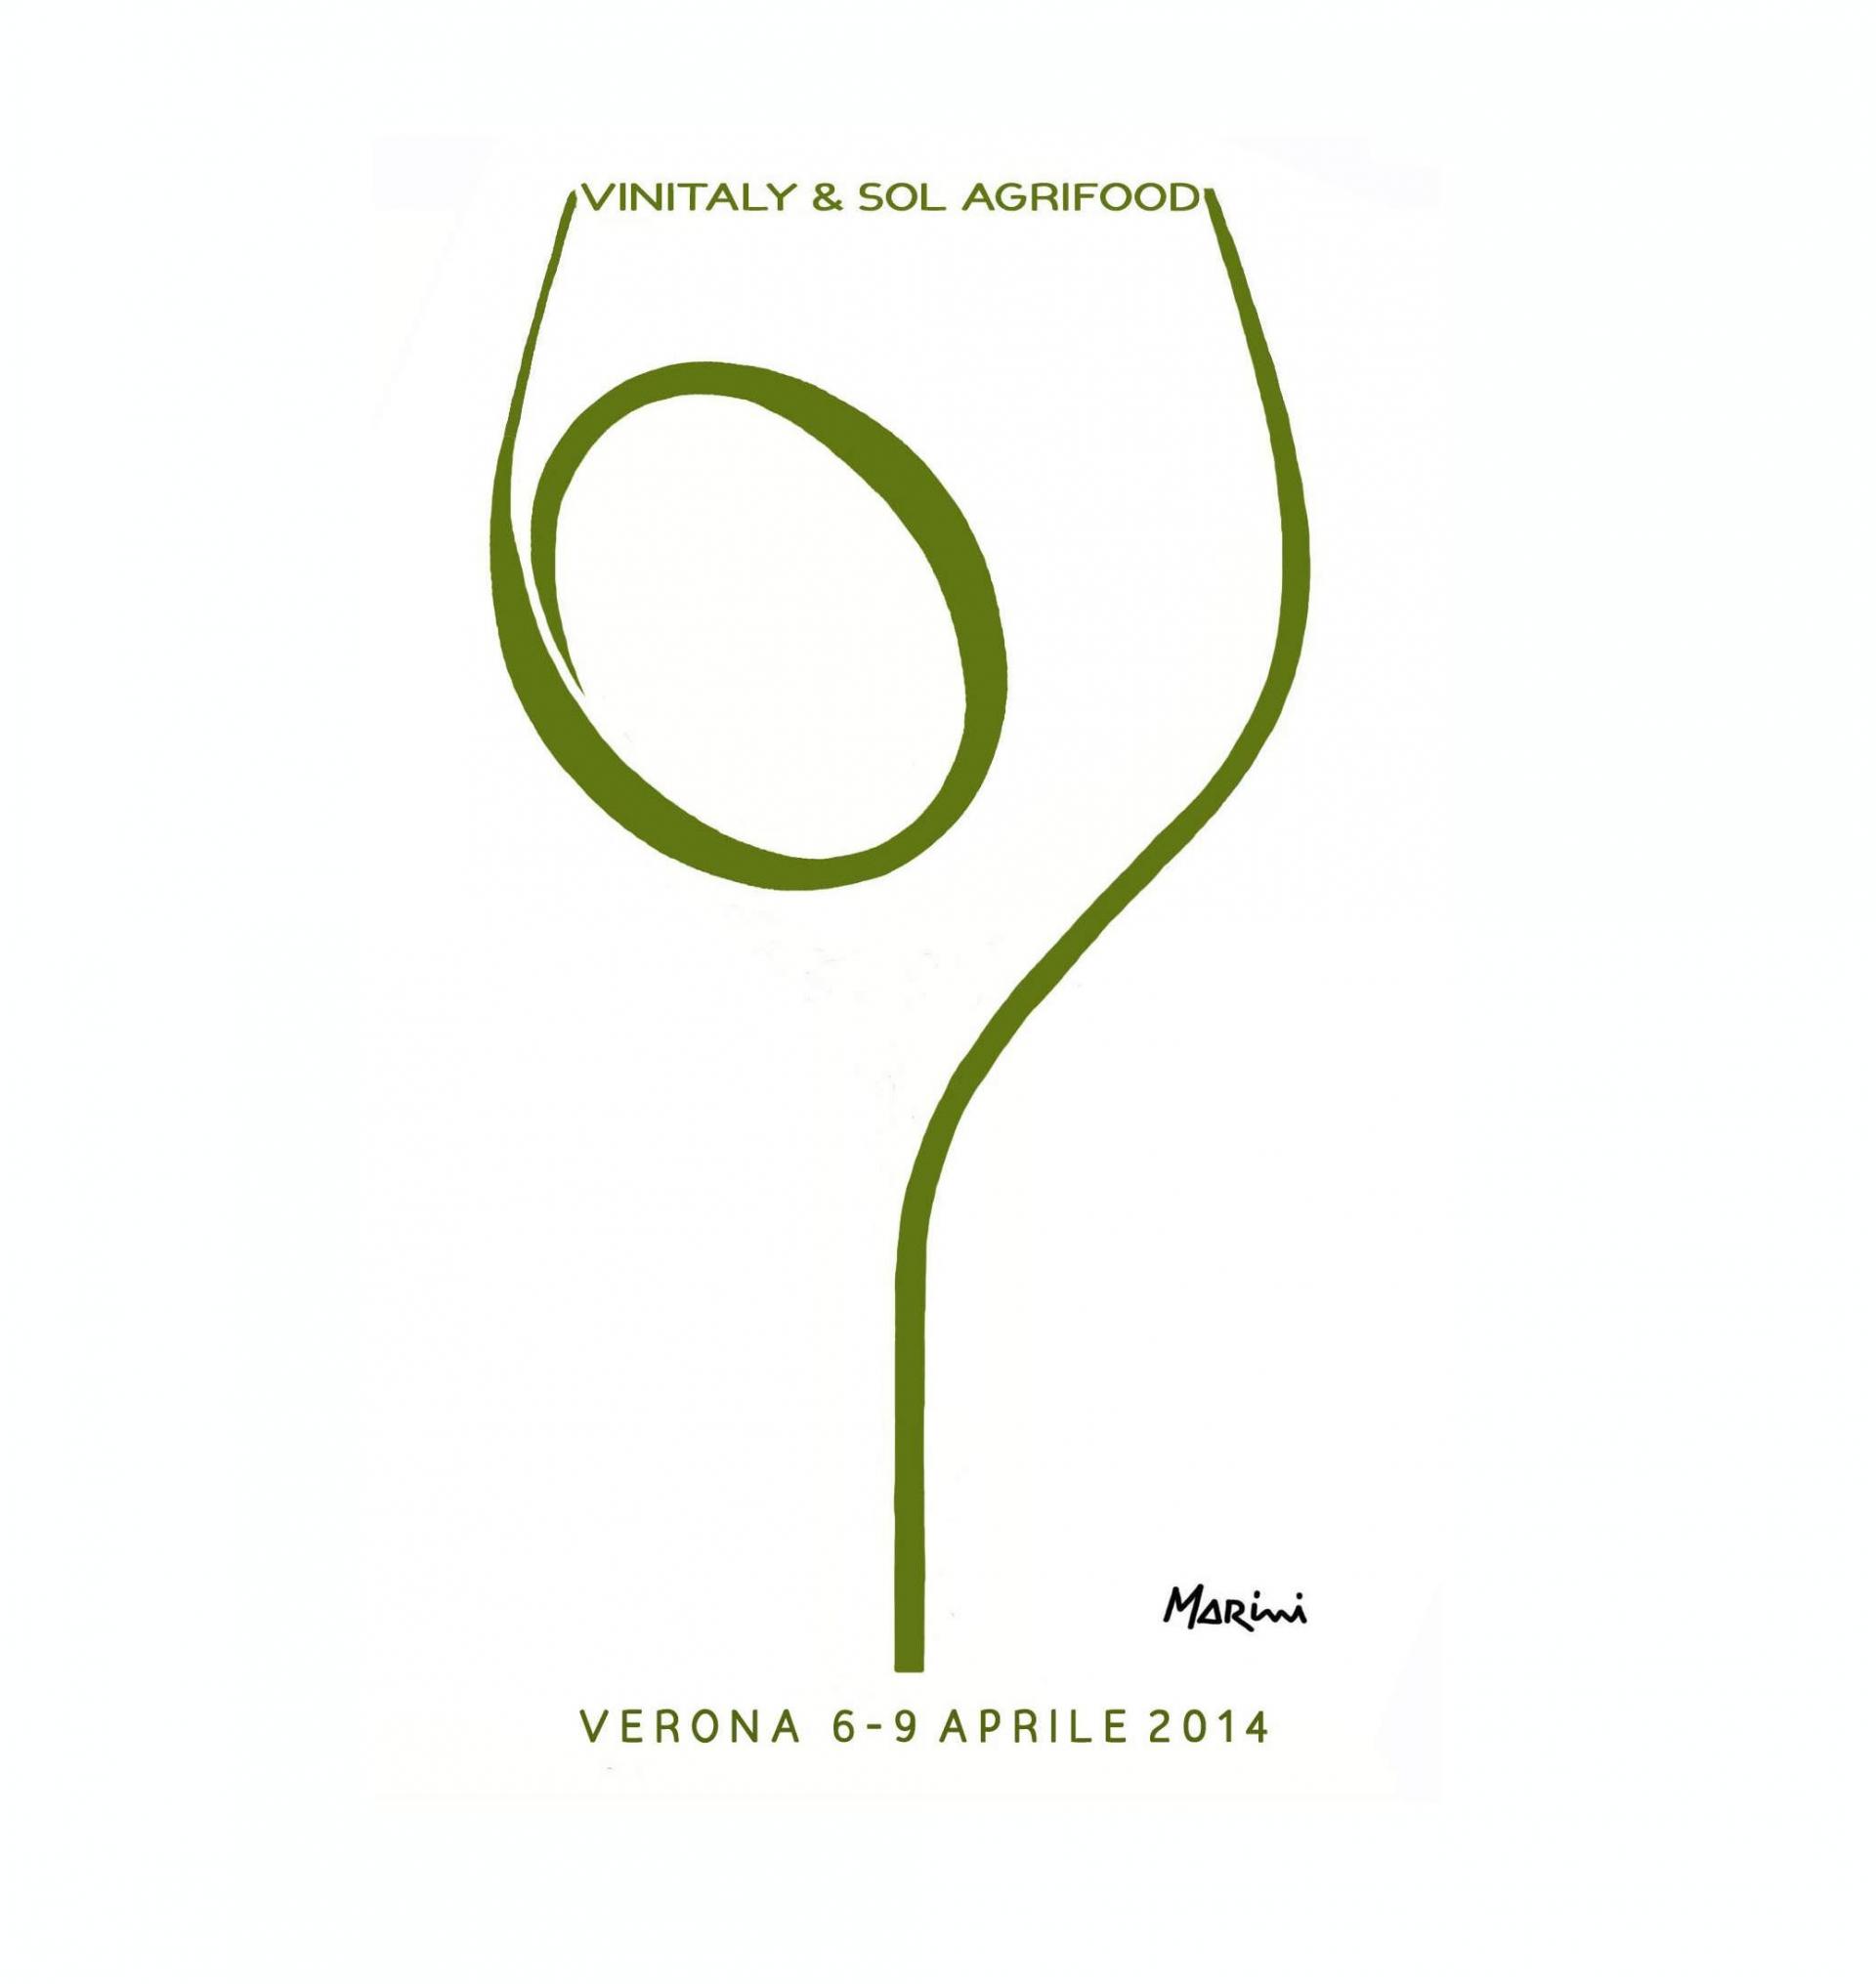 Il vino e l'olio a Verona